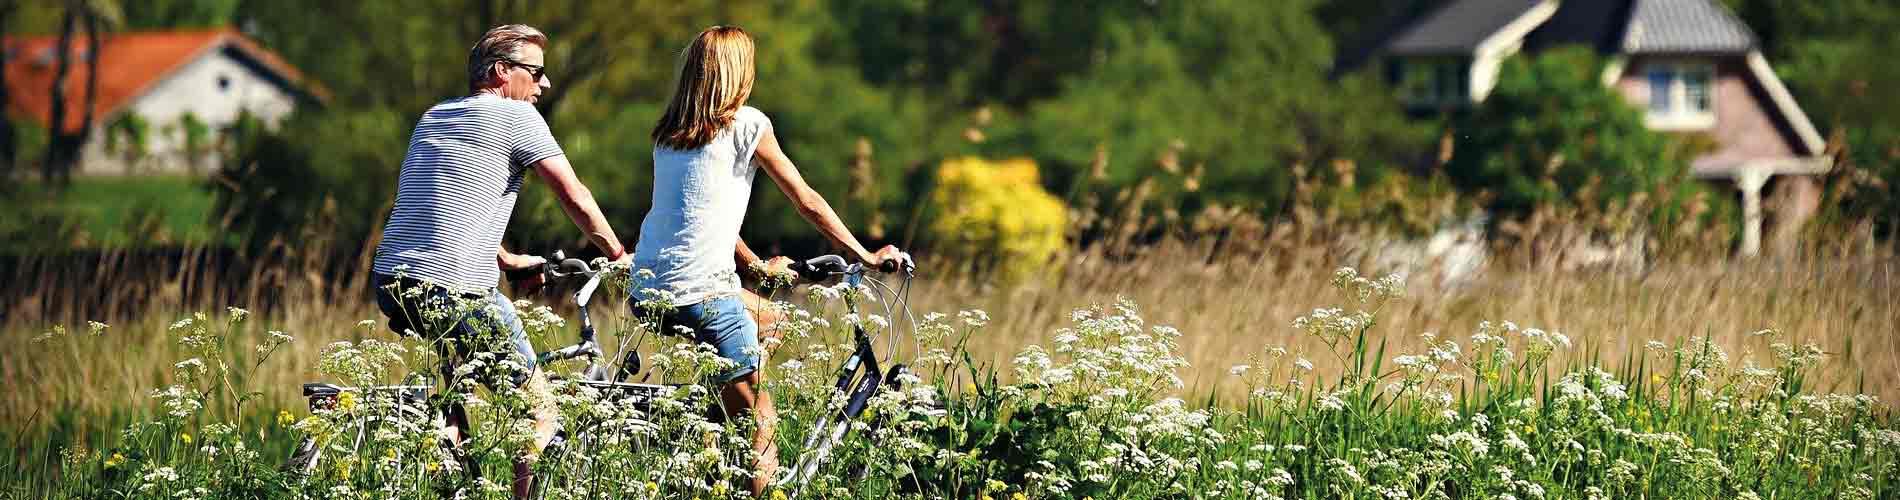 Blog_DayOut_France_Cycling_1900x500_Q120